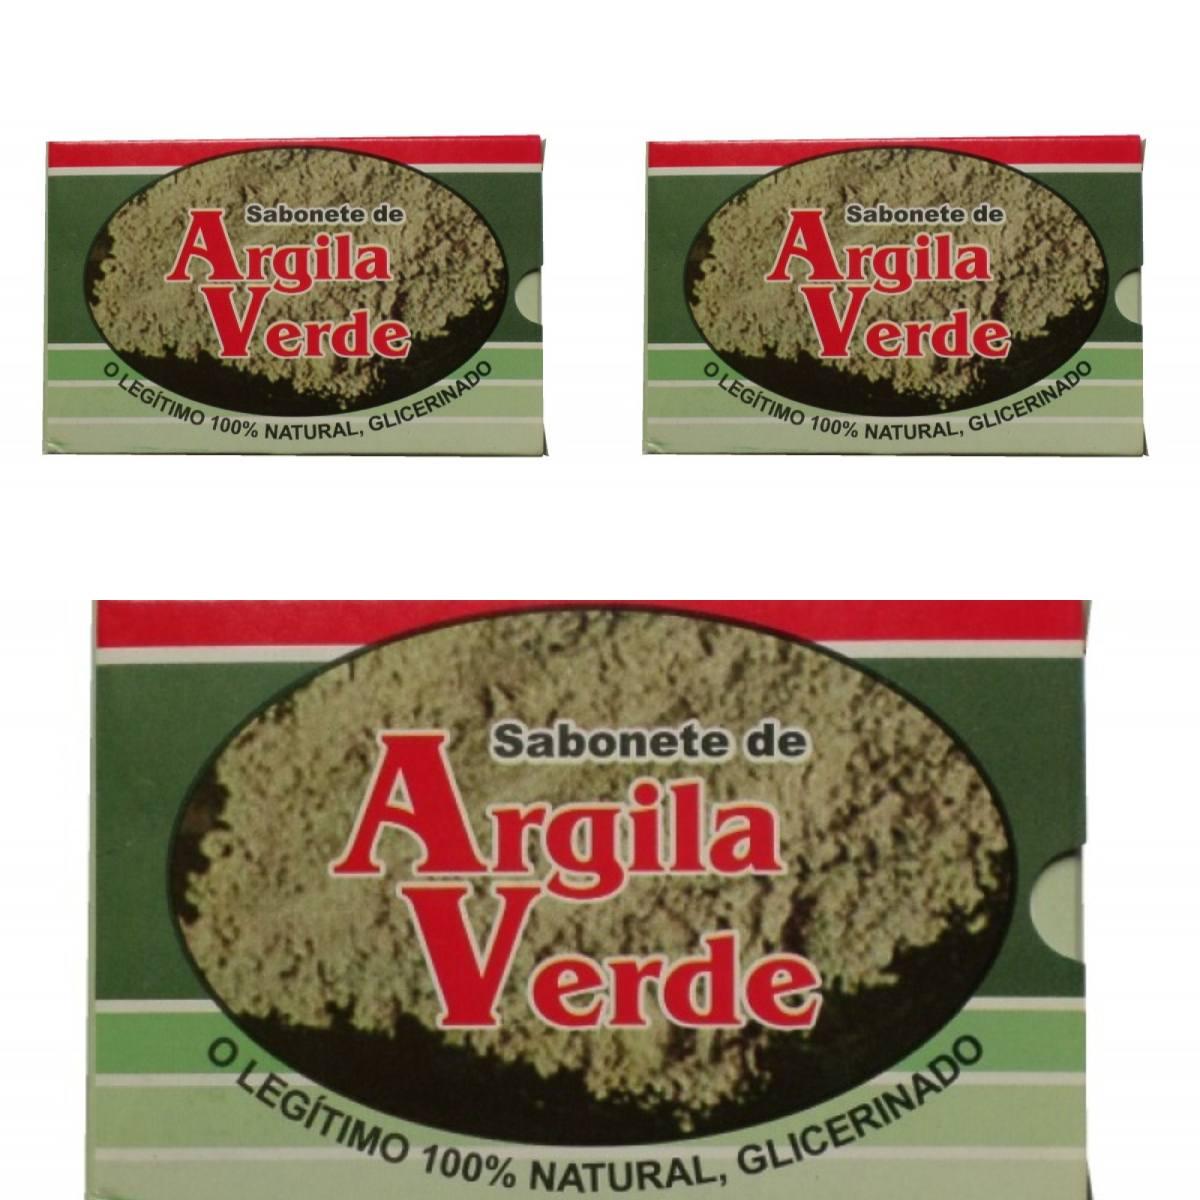 Kit Com 3 Sabonetes De Argila Verde - 100% Glicerinado